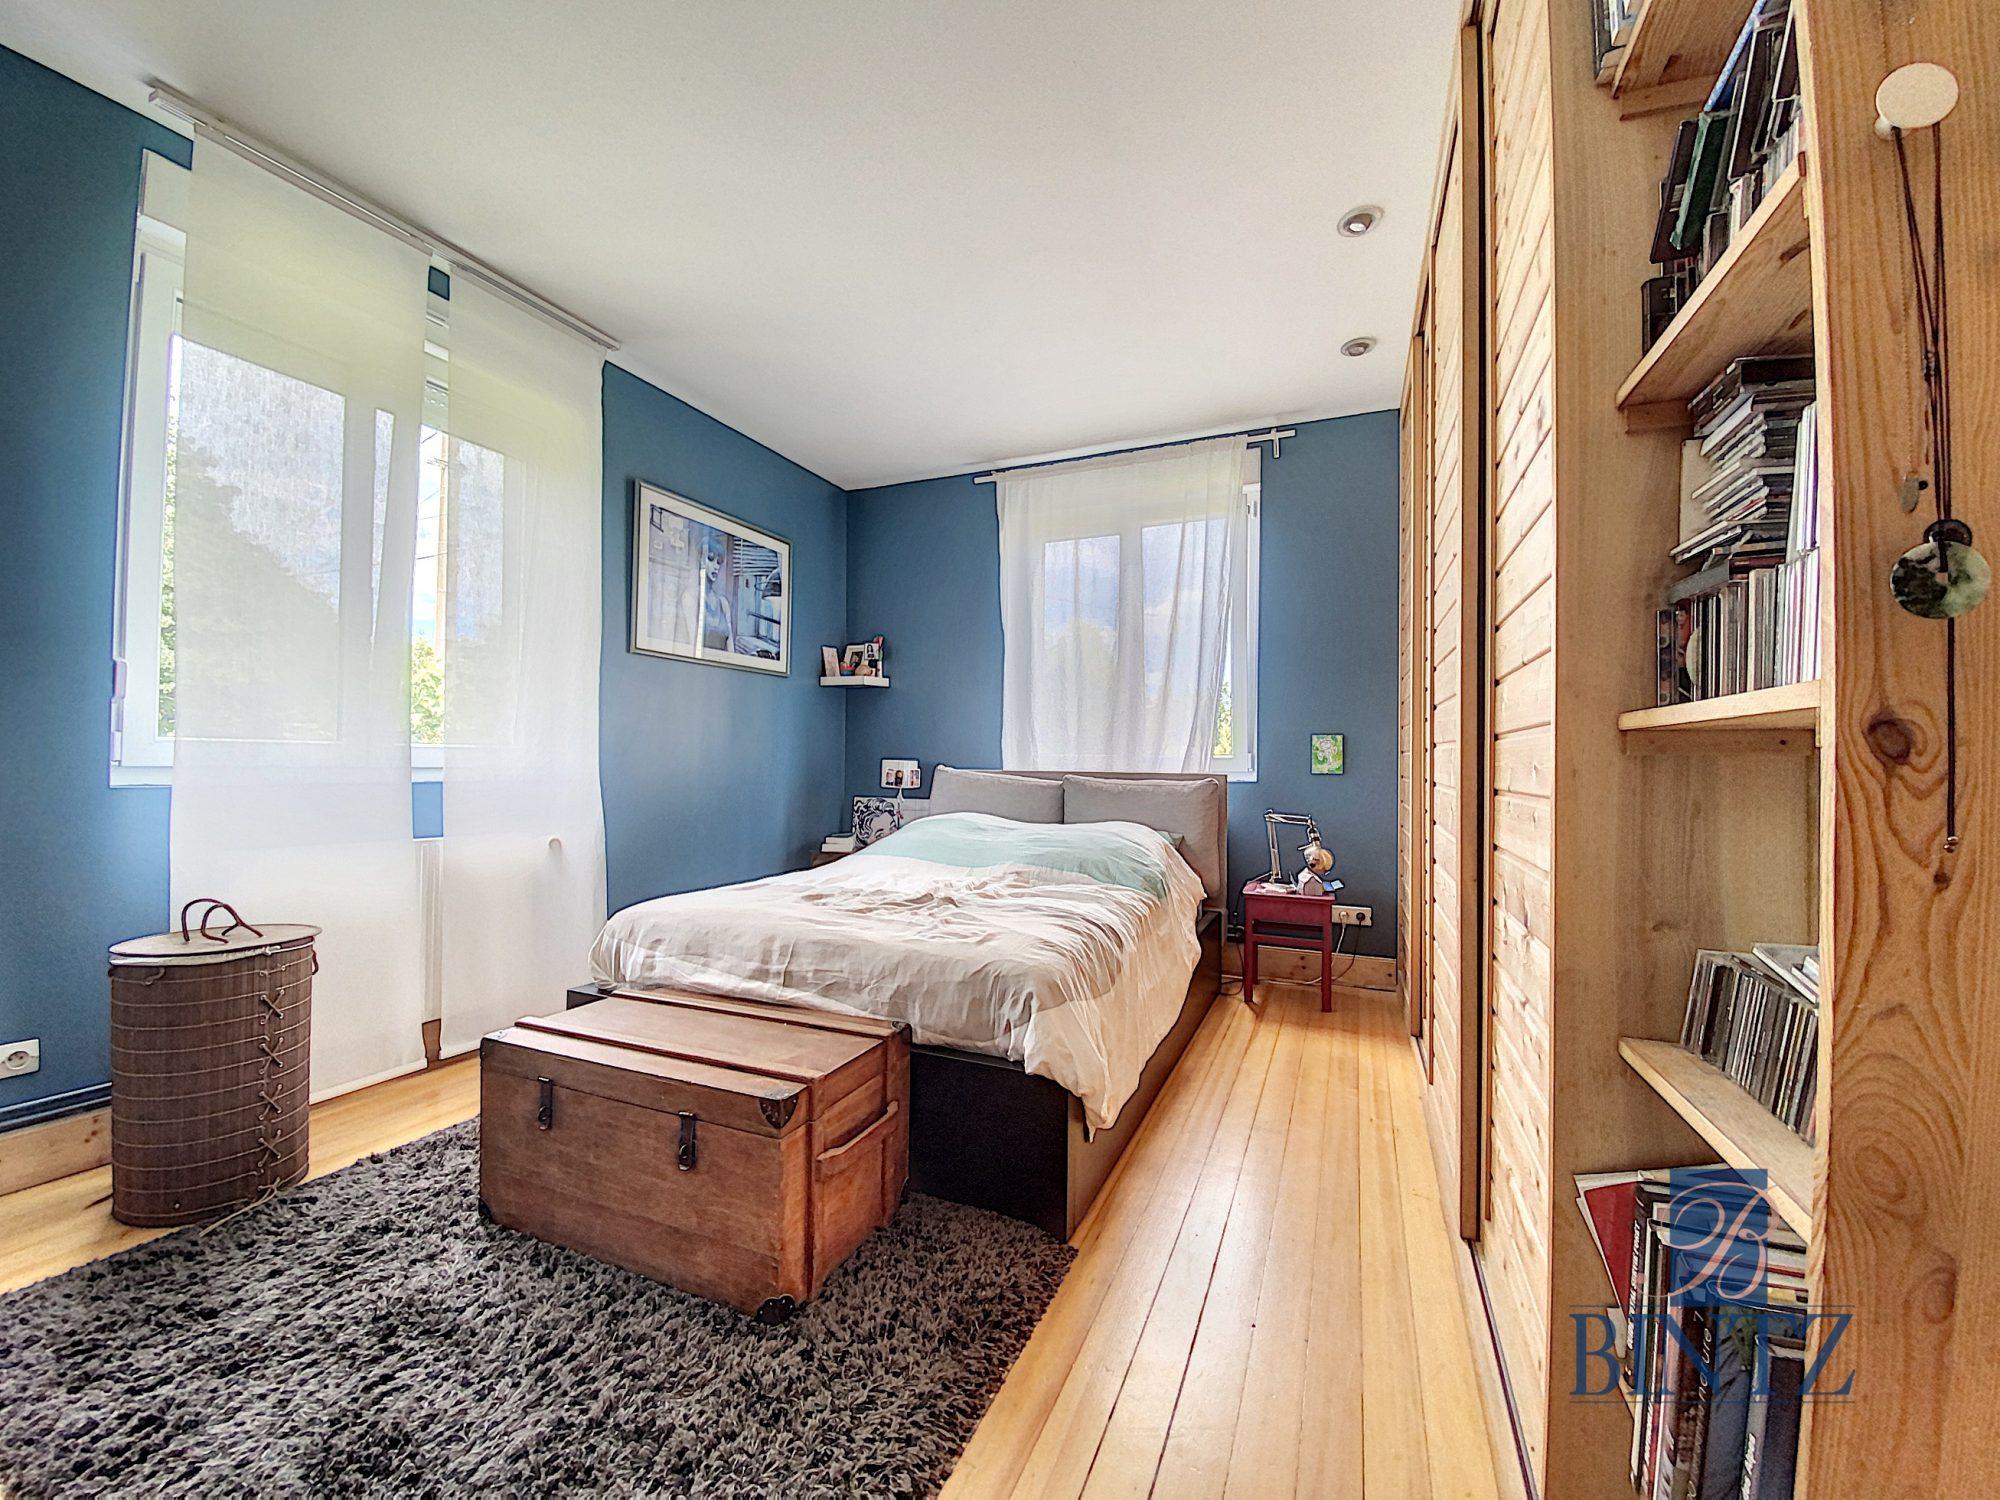 3 pièces avec terrasse à la Robertsau - Devenez propriétaire en toute confiance - Bintz Immobilier - 11